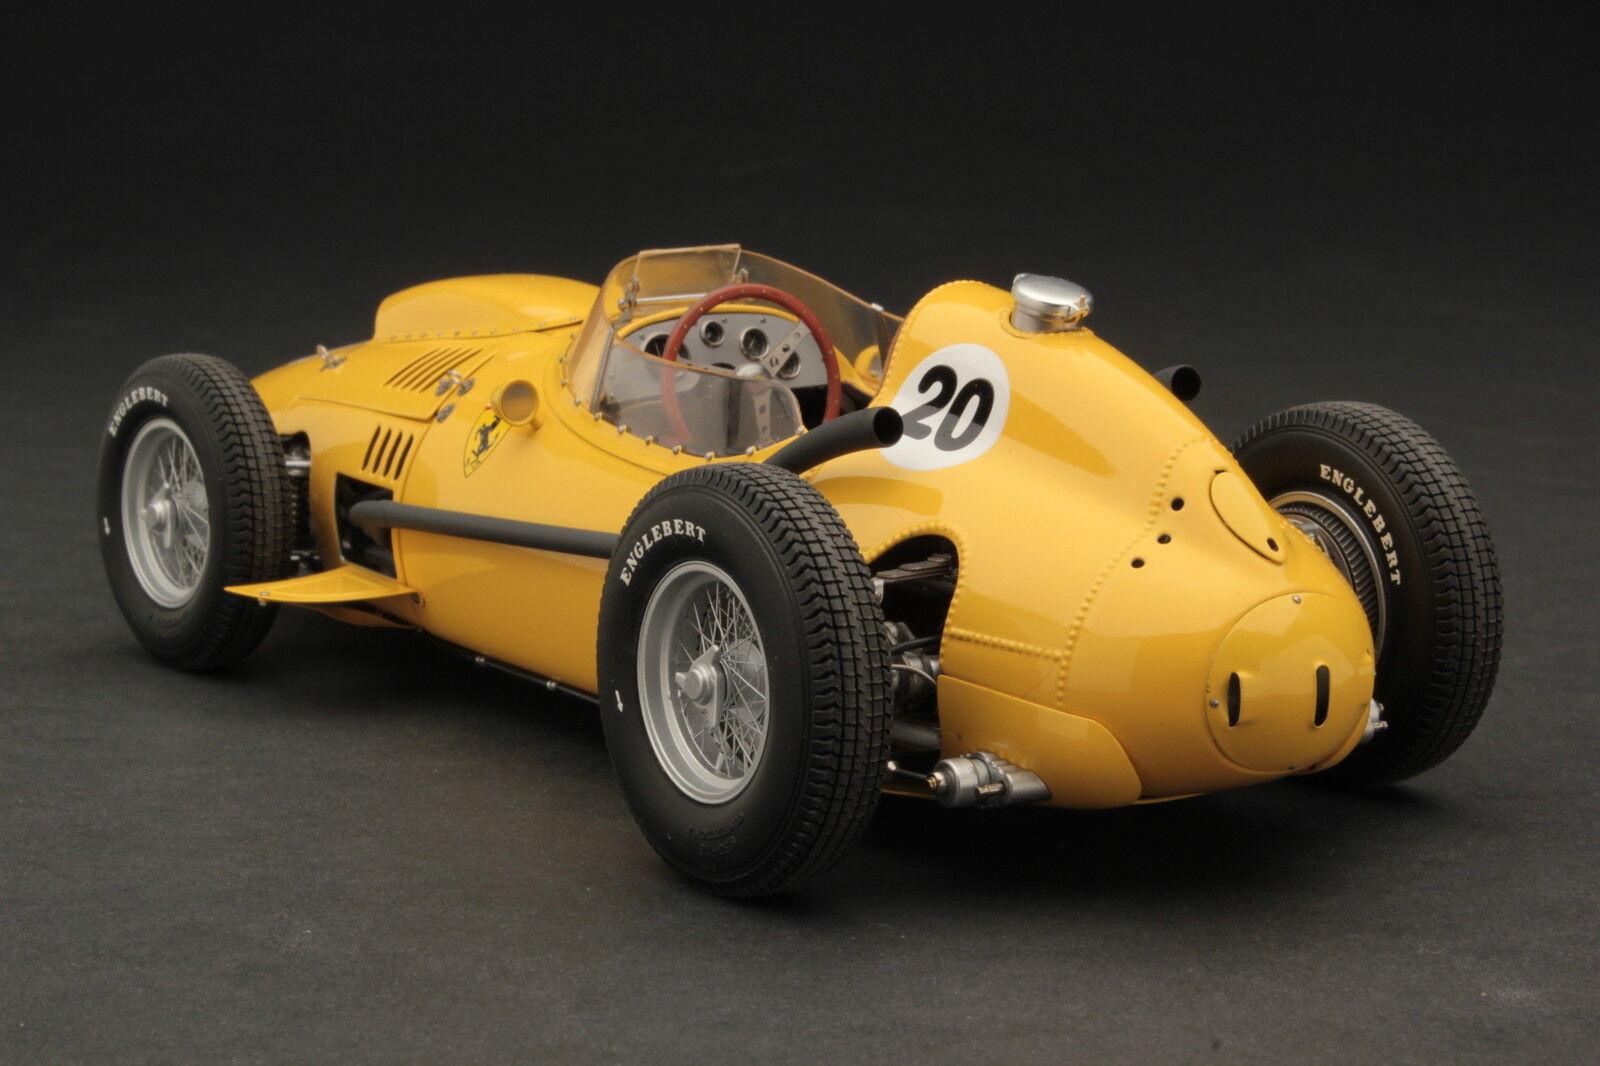 Exoto XS 1 18 1958 Ecurie Francorchamps Ferrari Dino 246 F1  GPC97216